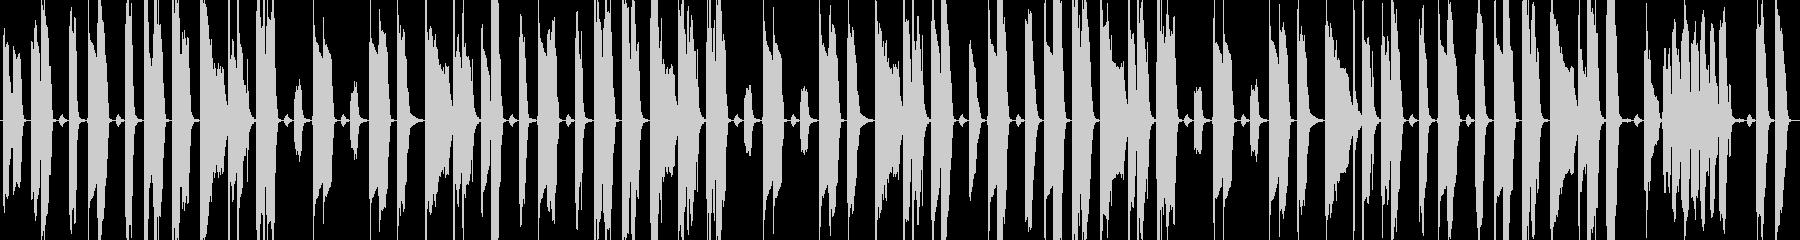 【ループ対応】コミカル&日常的な楽曲の未再生の波形